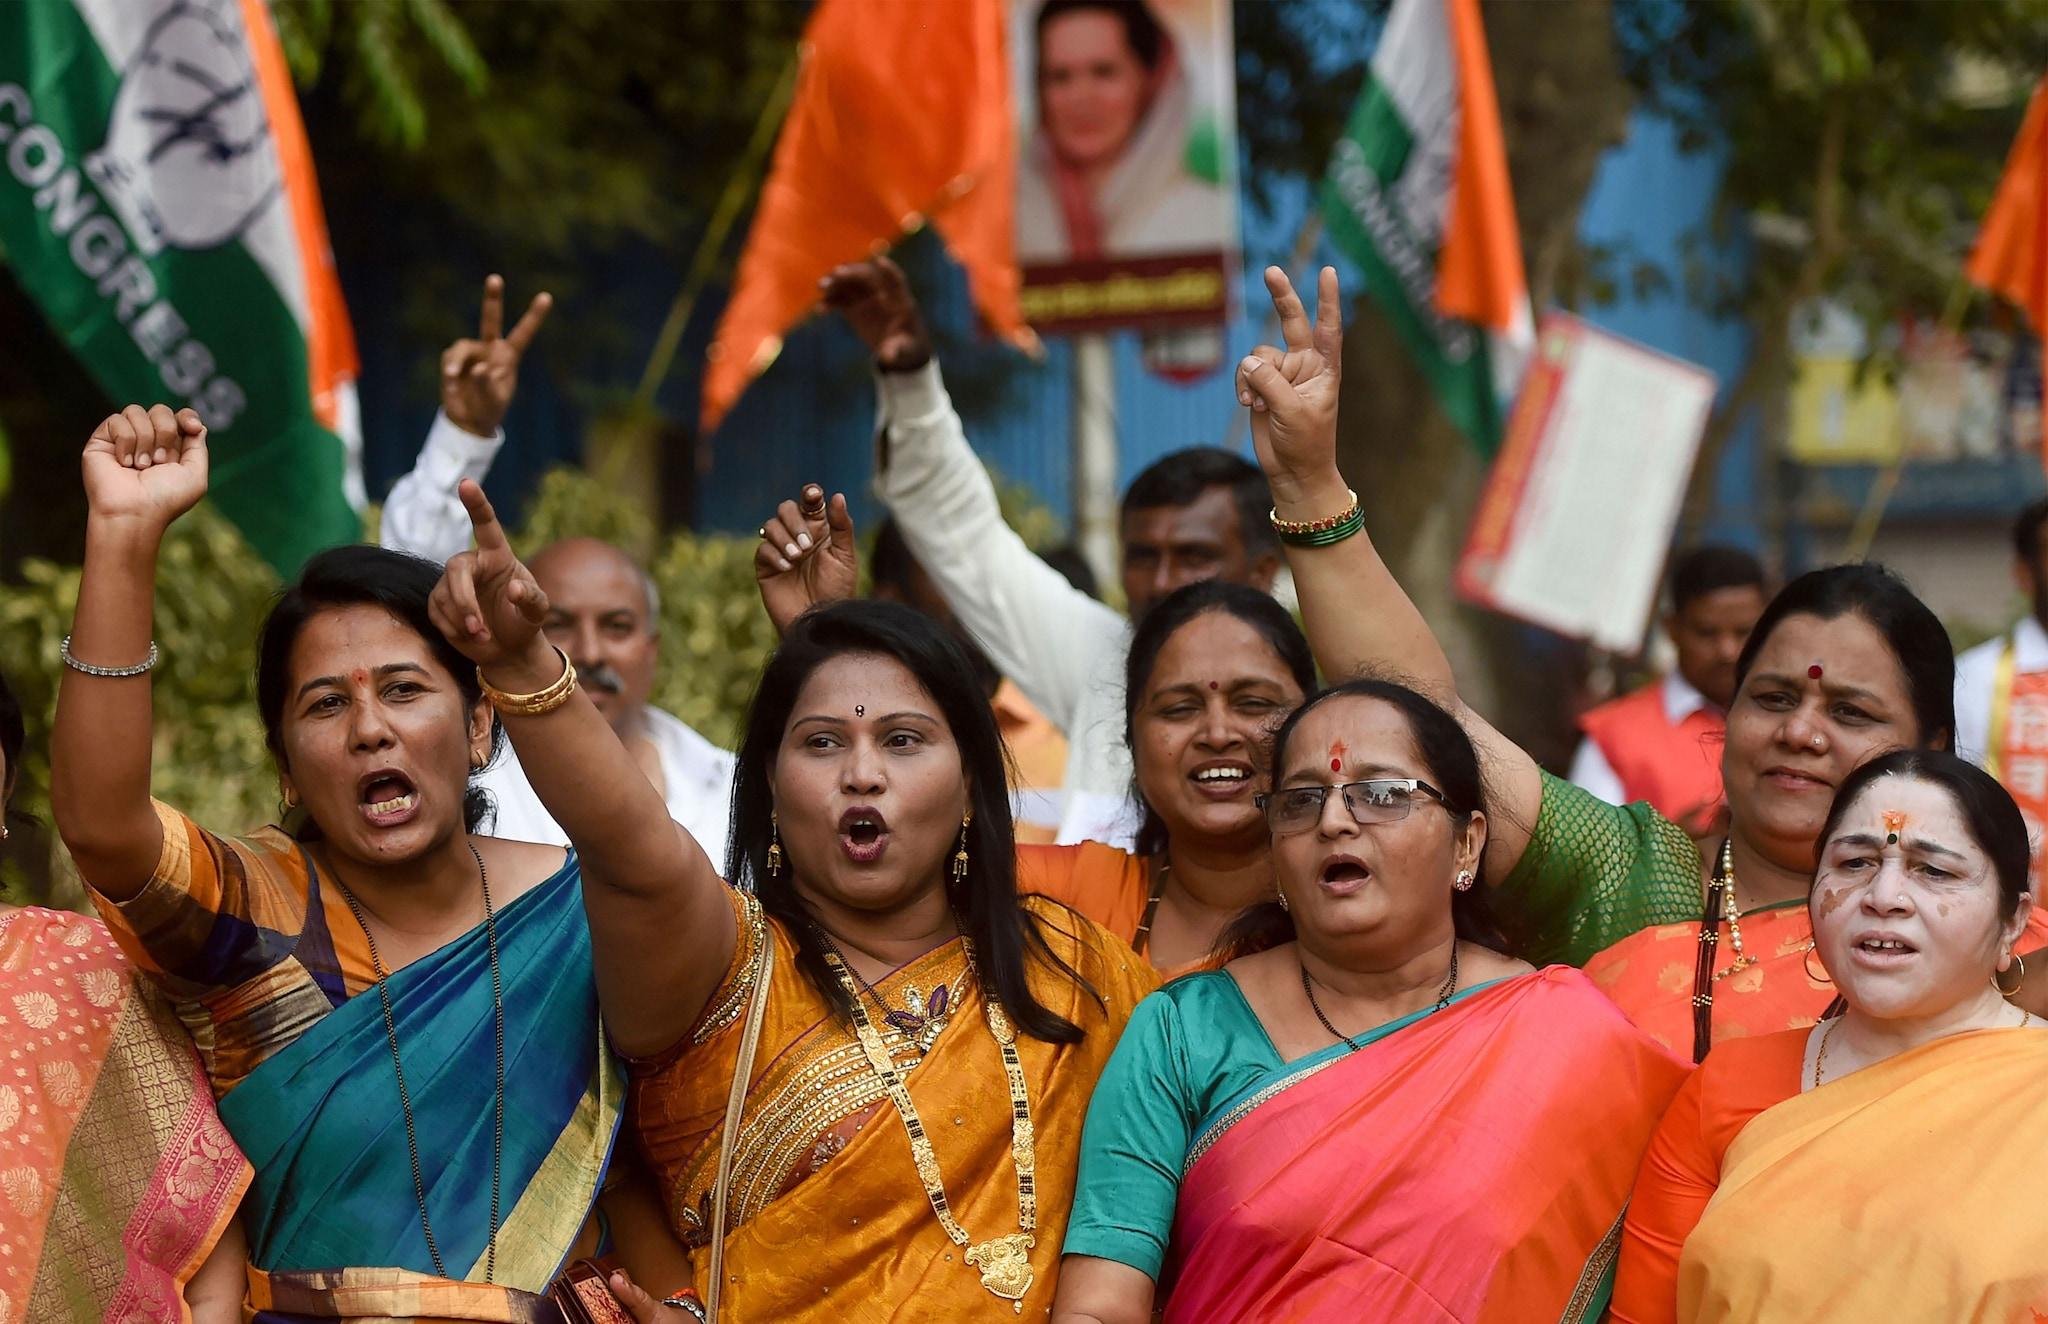 Mumbai: Alliance supporters arrive for the Maharashtra Ministry's swearing-in ceremony, at Shivaji Park in Mumbai, Thursday, Nov. 28, 2019. (PTI Photo/Shashank Parade)